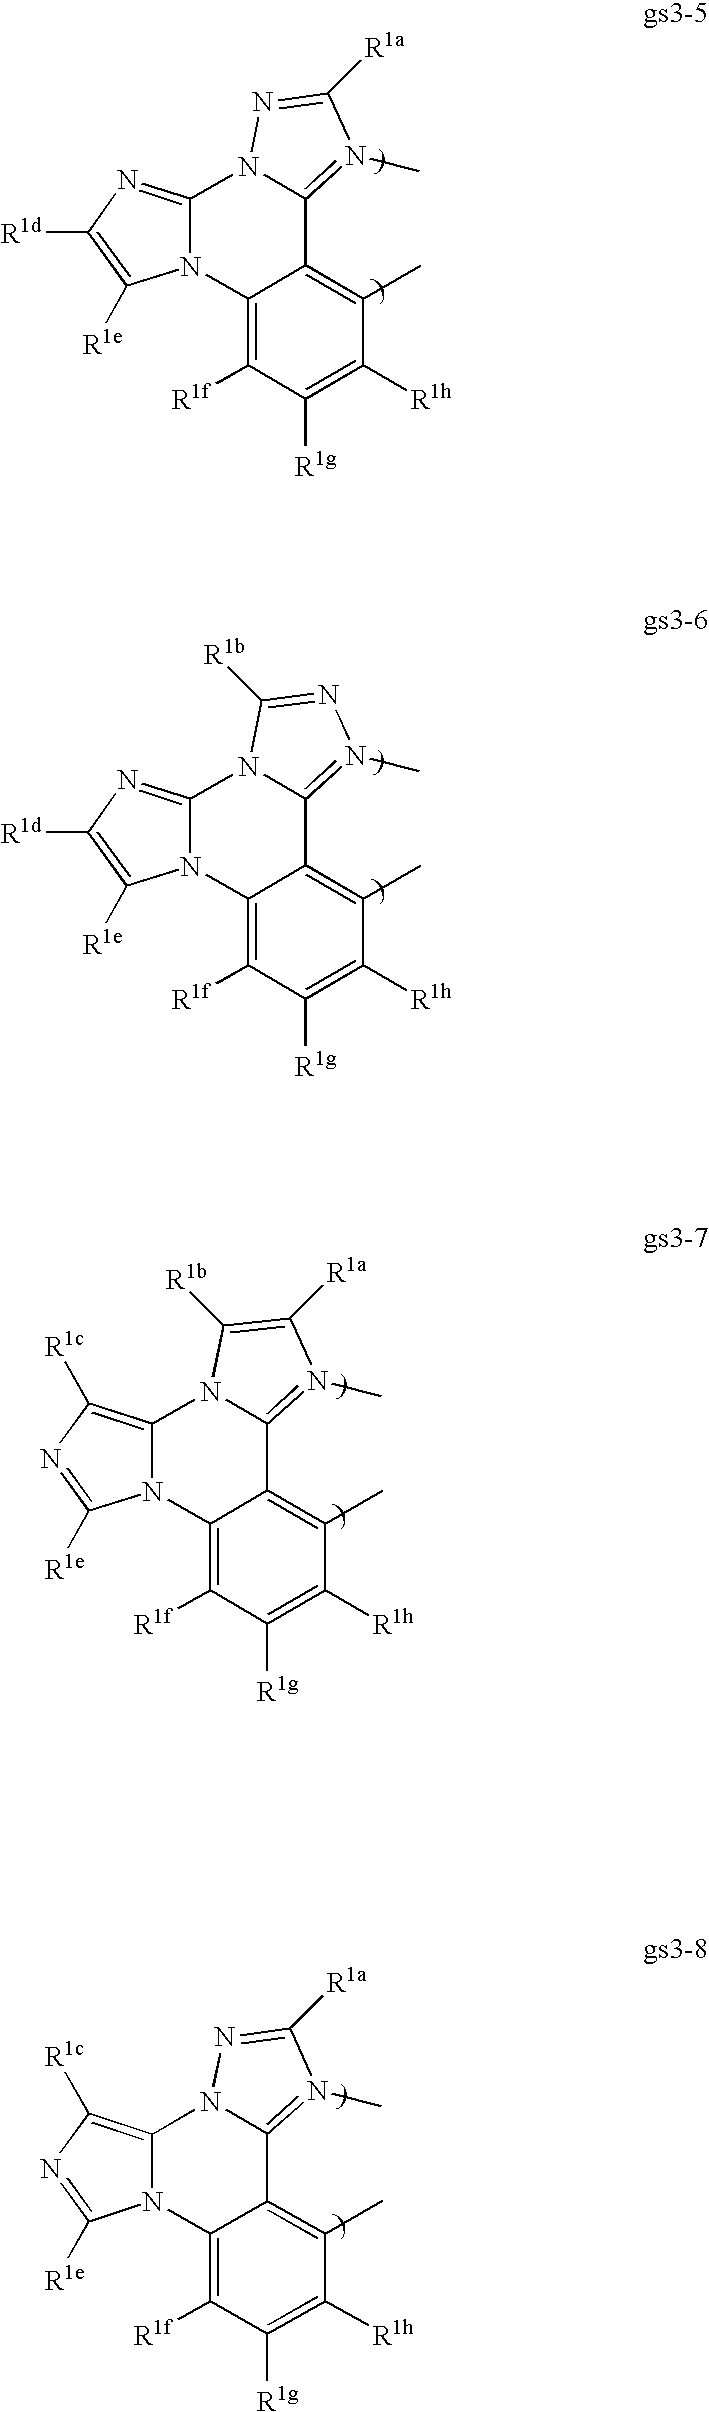 Figure US08142909-20120327-C00034